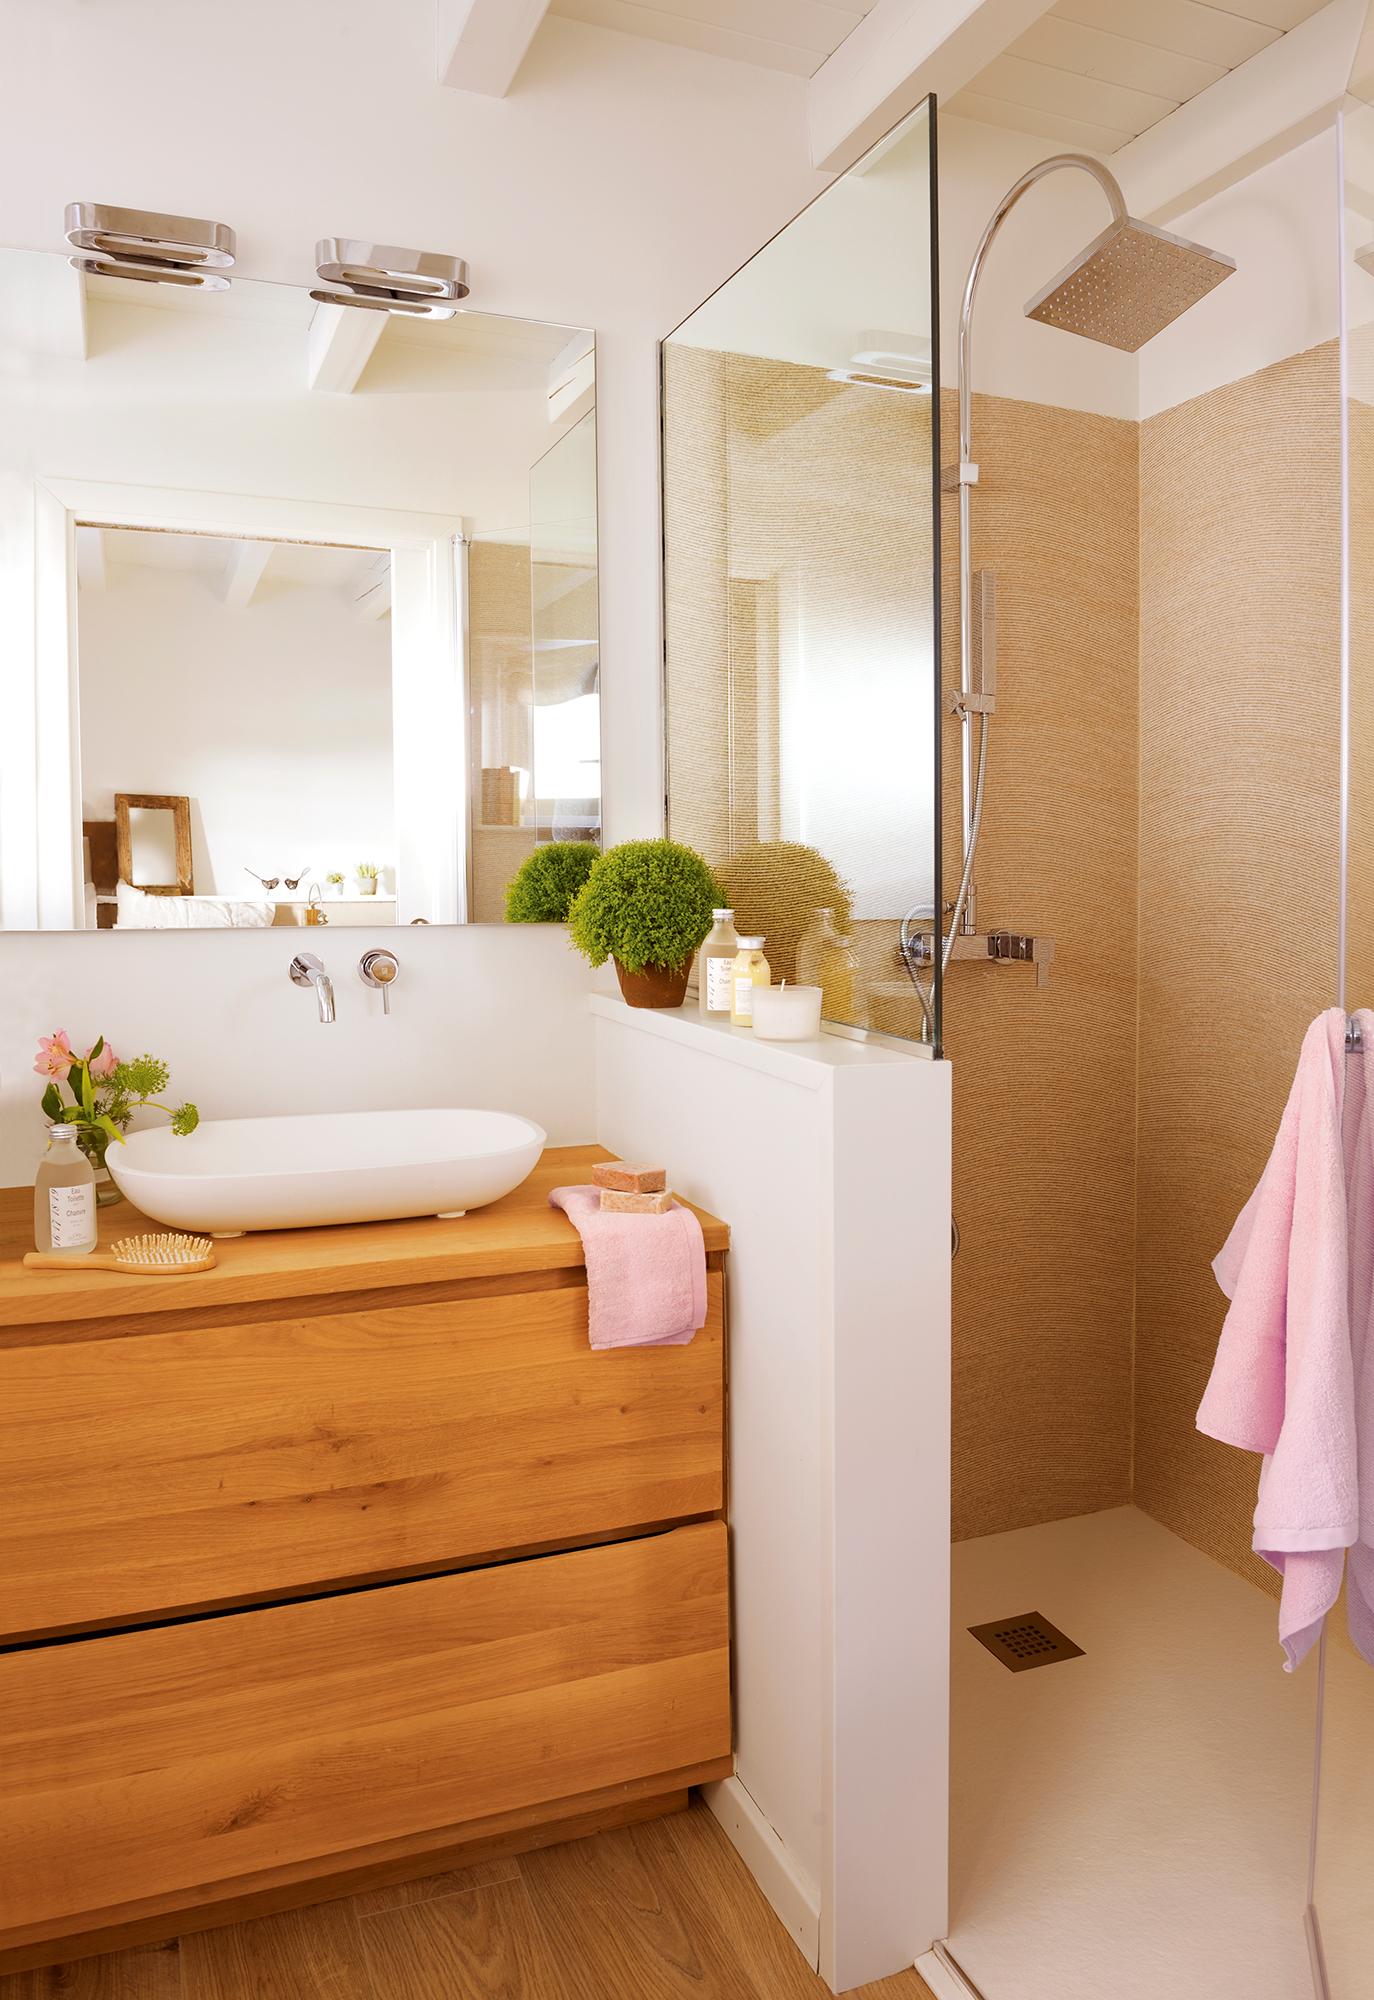 Ba era o ducha pros y contras y claves para elegir - Banos con duchas fotos ...